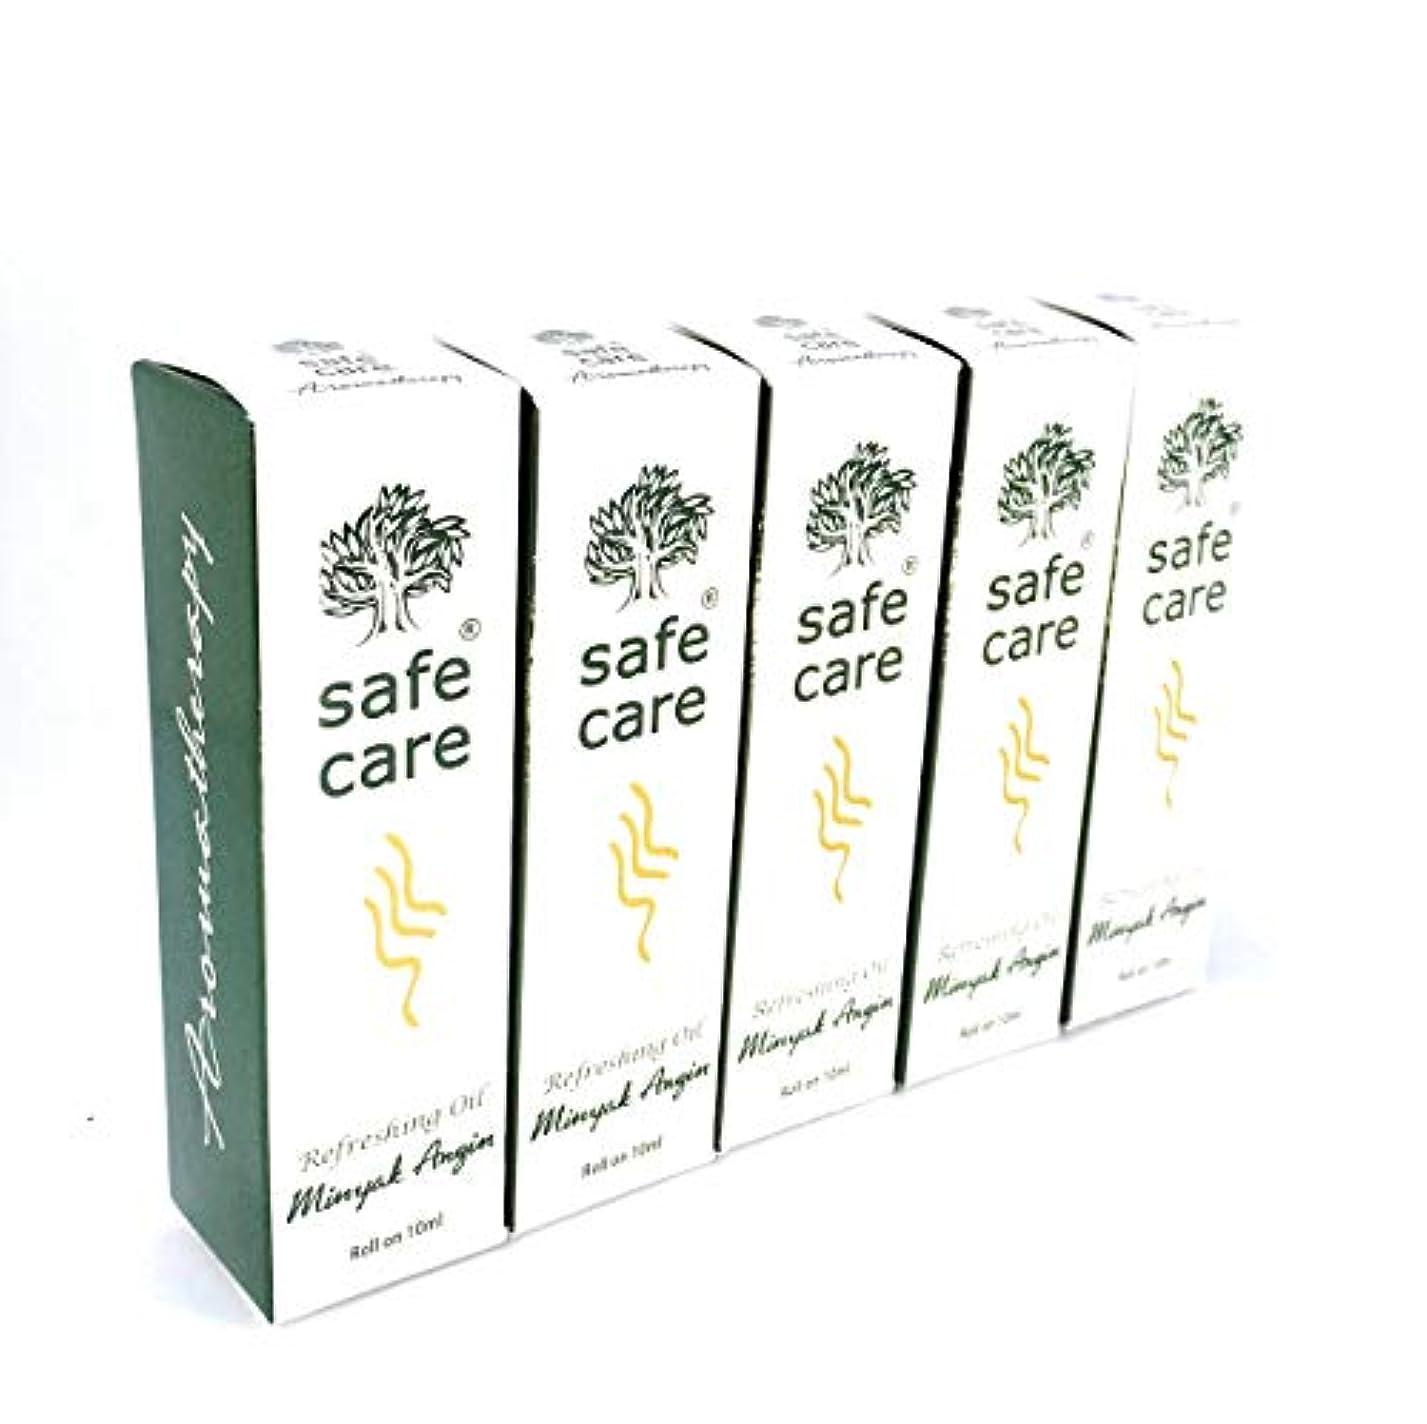 としてカール正規化Safe Care セイフケア Aromatherapy Refreshing Oil アロマテラピー リフレッシュオイル ロールオン 10ml × 5本セット [並行輸入品][海外直送品]